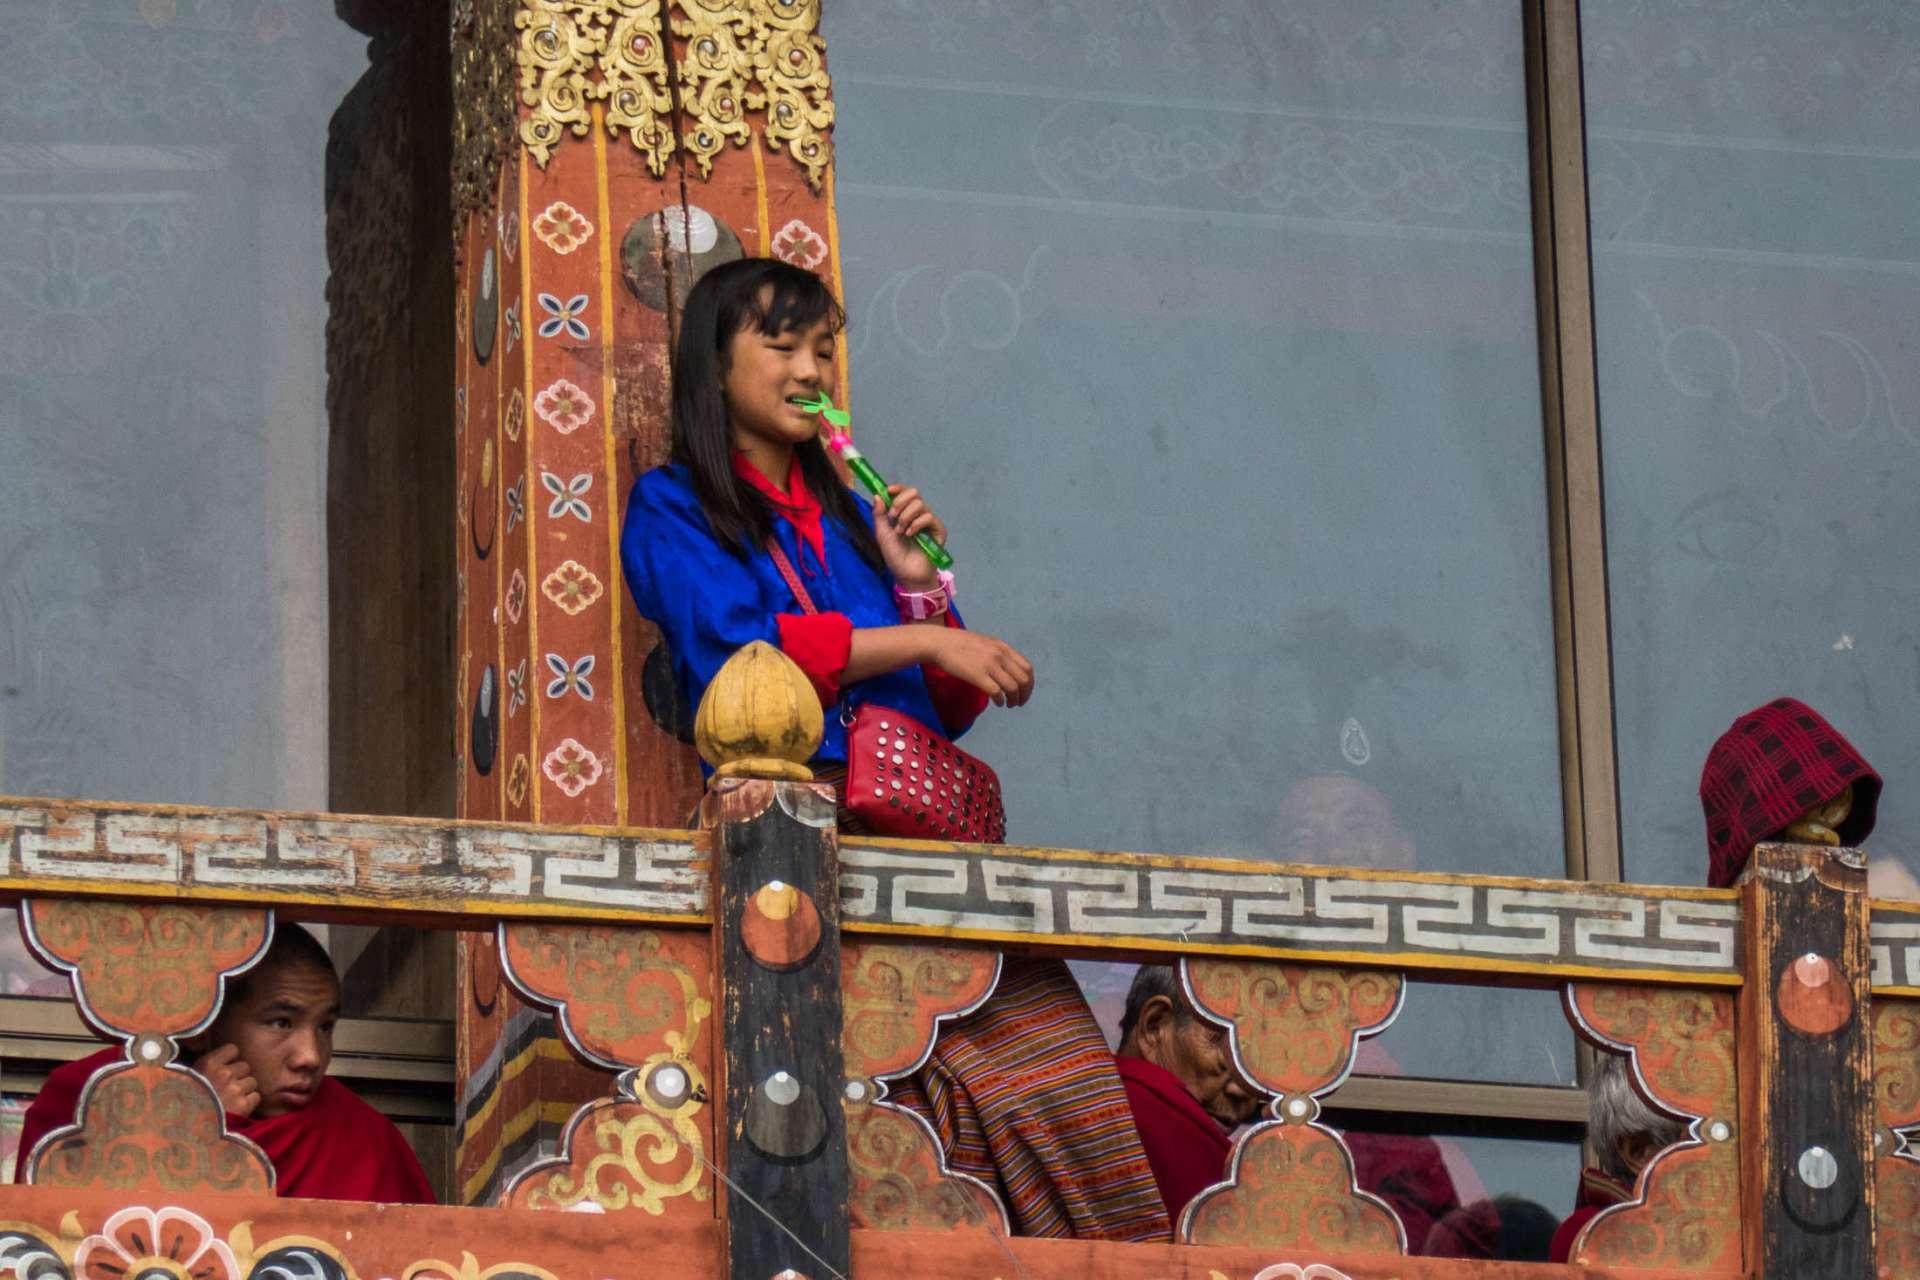 Thimphu Tshechu festival bhutan pescart enrico pescantini 7